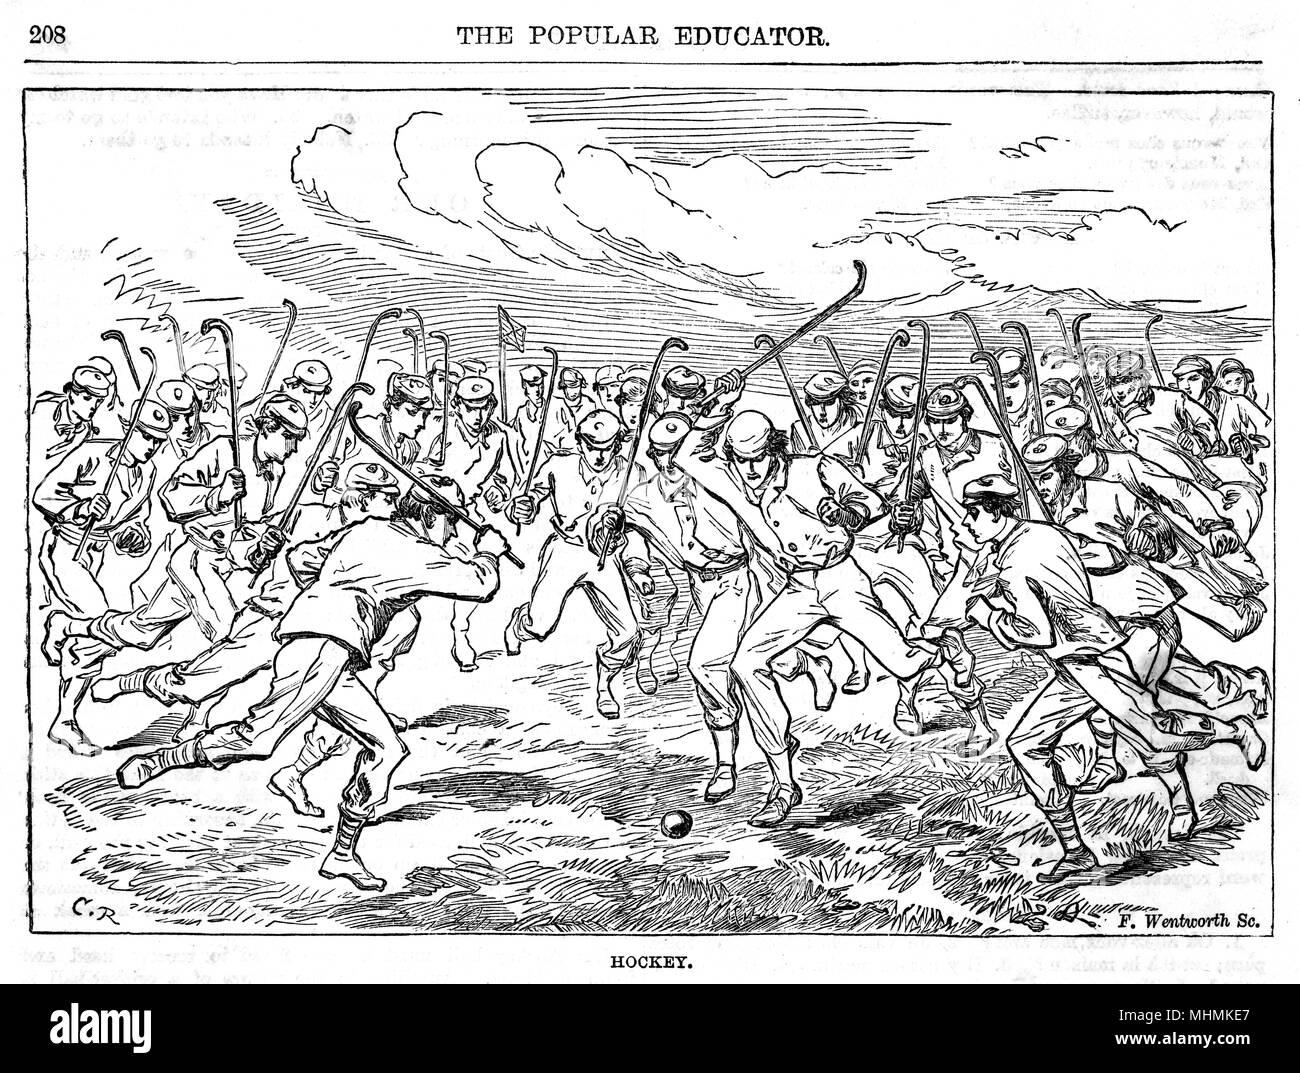 Una multitud de jugadores cobrar hacia el balón durante un partido de hockey. Fecha: circa 1860 Imagen De Stock